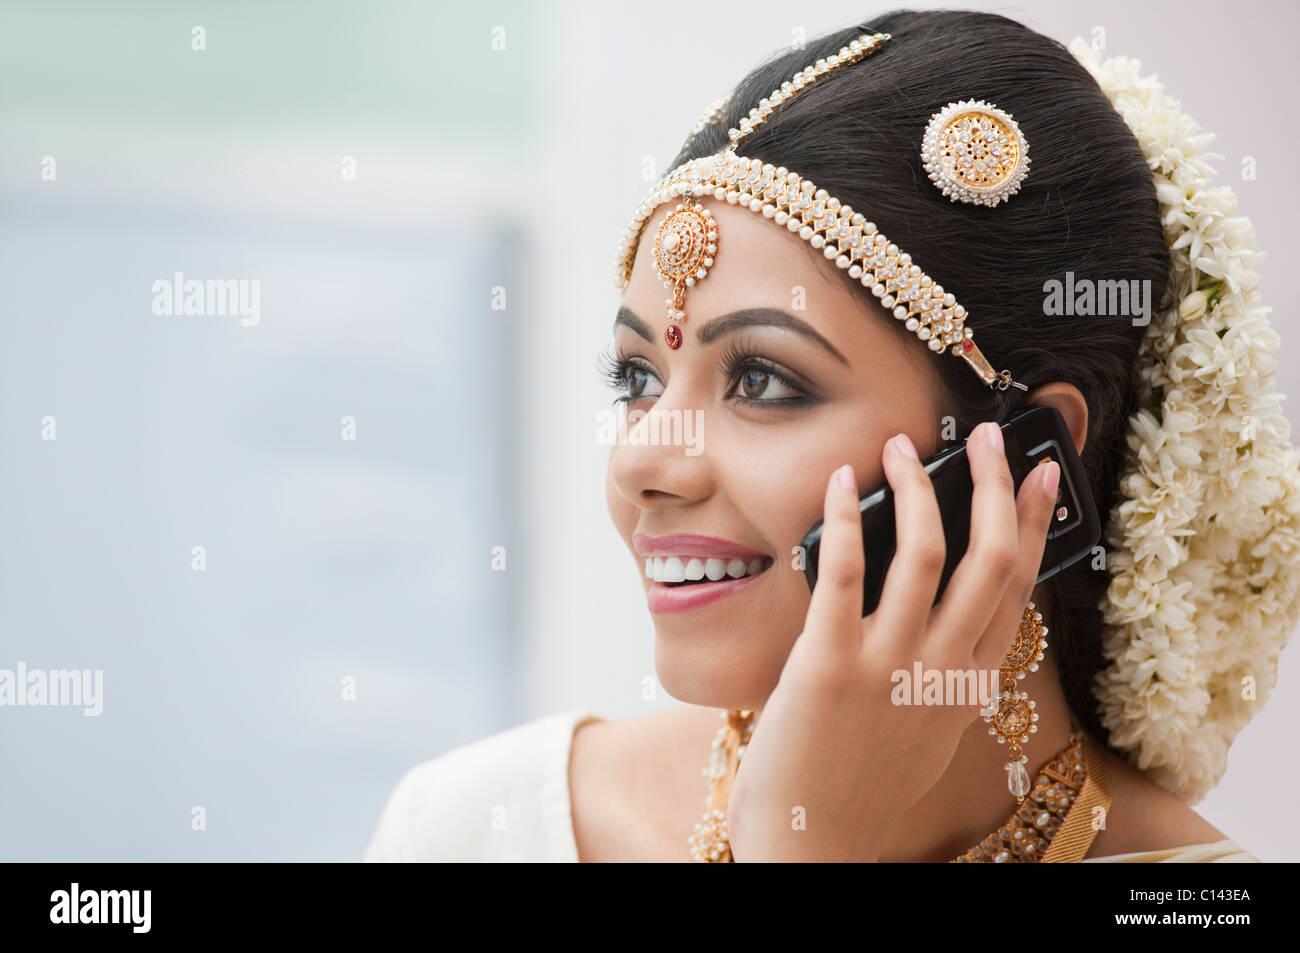 Sposa nel sud tradizionale abito indiano parlando su un telefono cellulare Immagini Stock